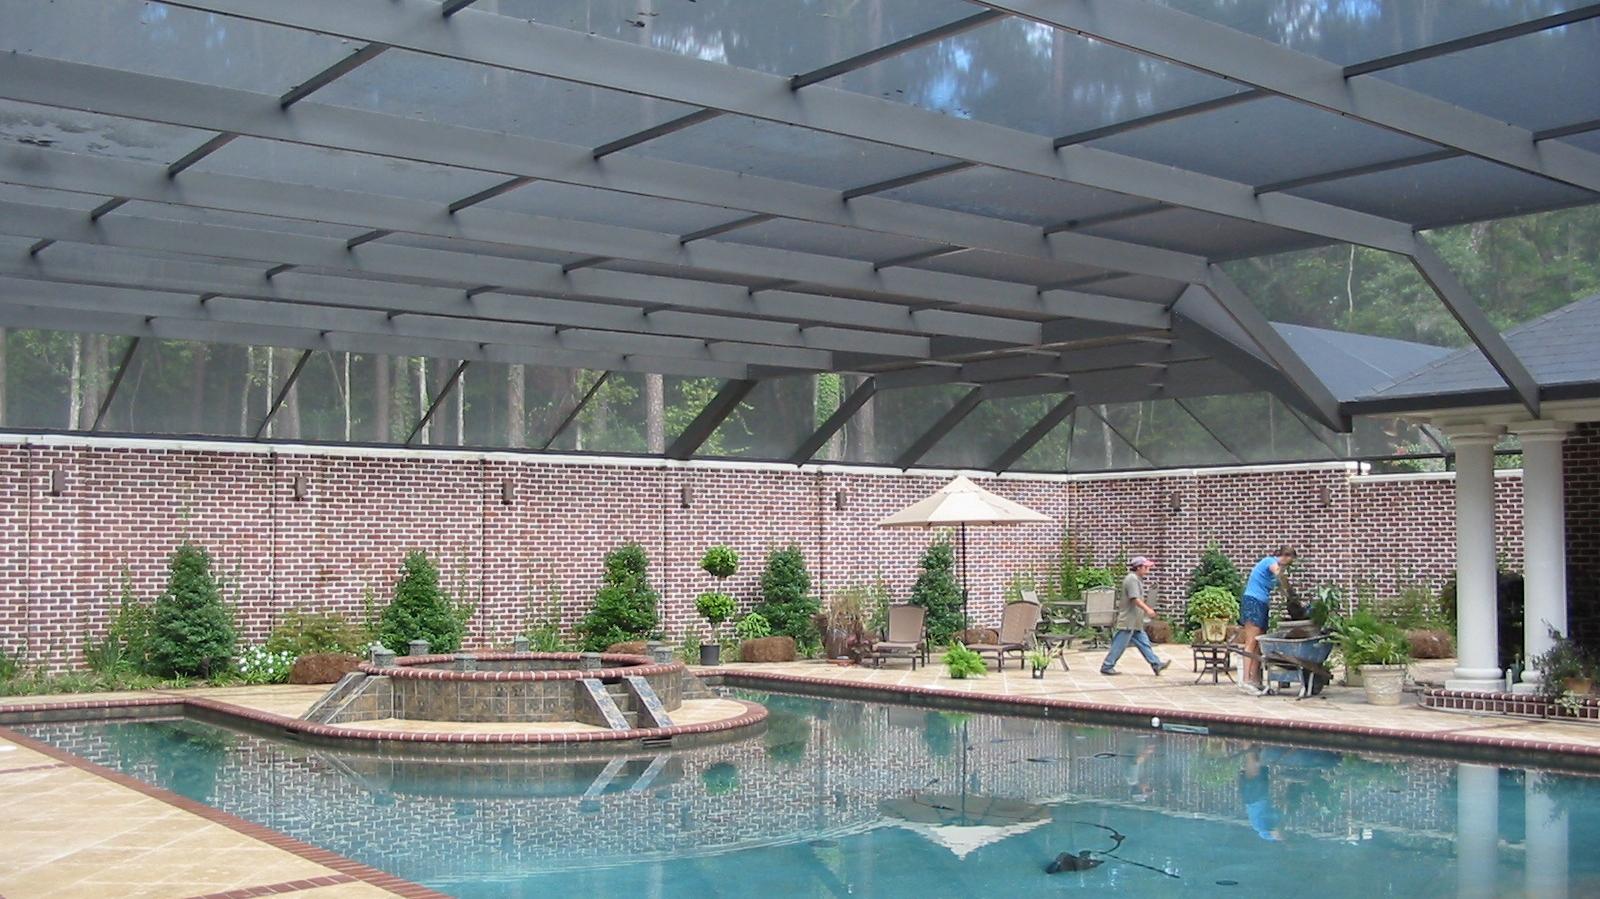 Pool enclosures usa custom pool enclosures for Pool enclosure design software